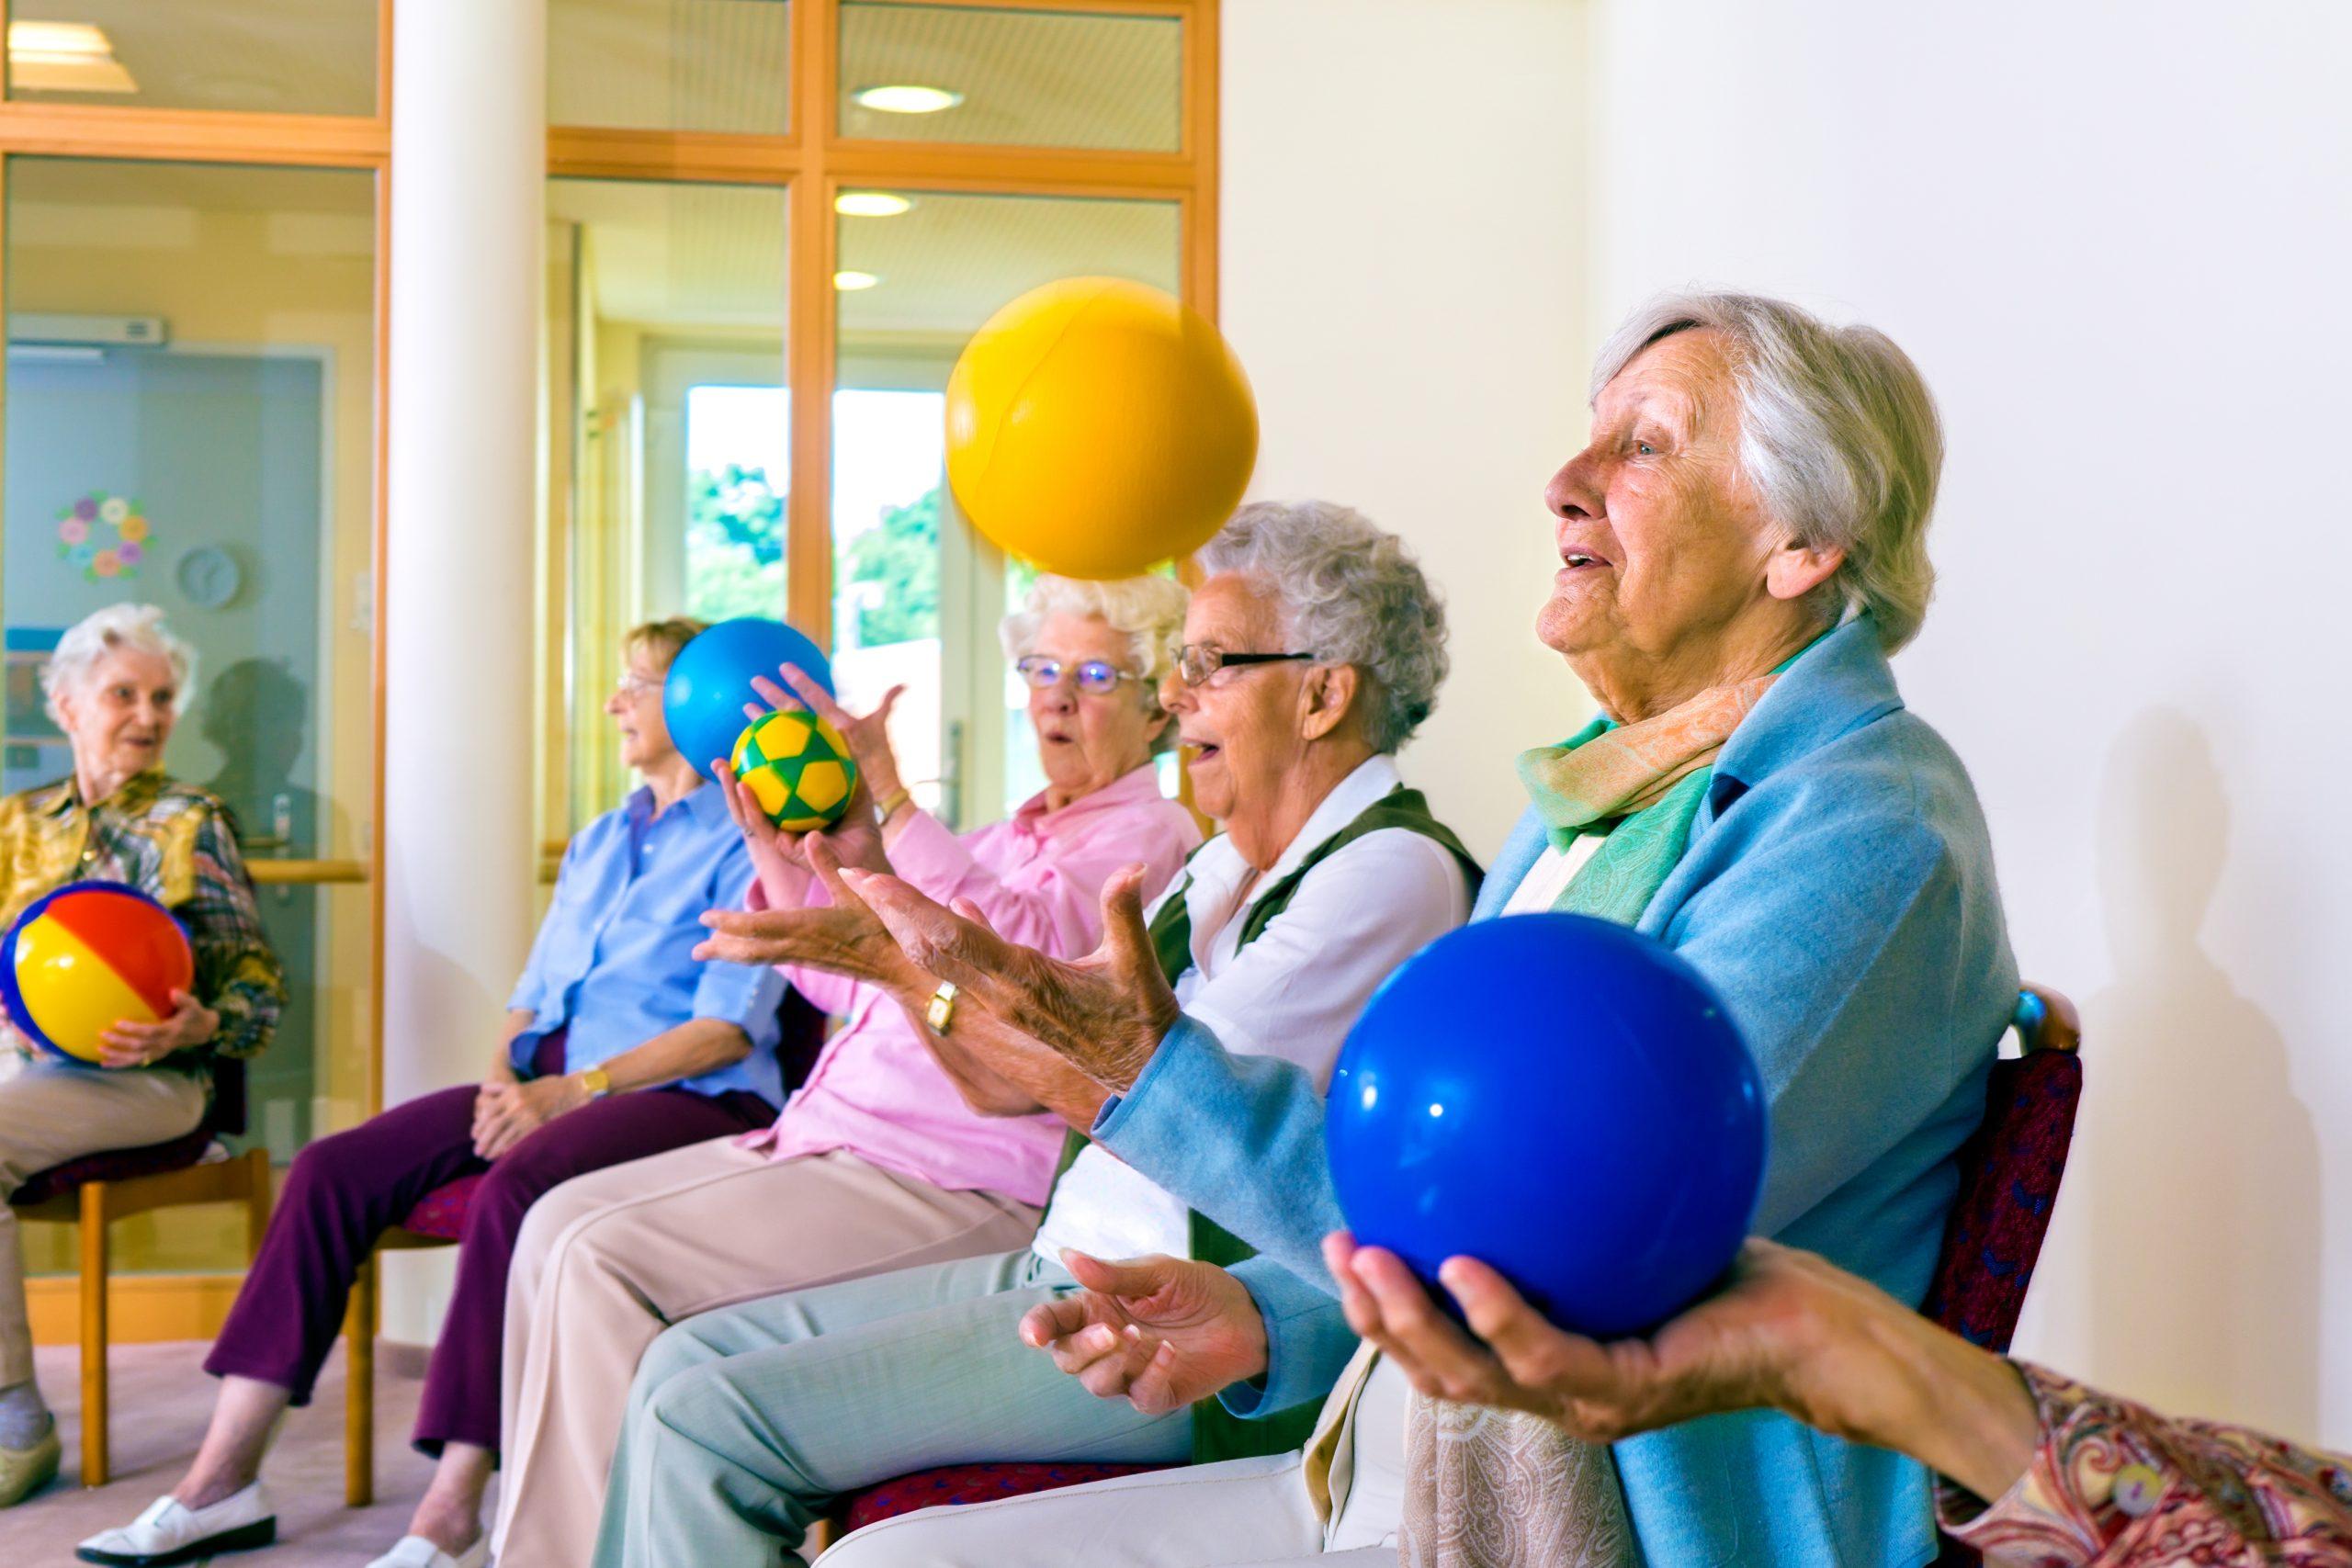 De VitaliteitSpelen brengt kwetsbare ouderen in beweging